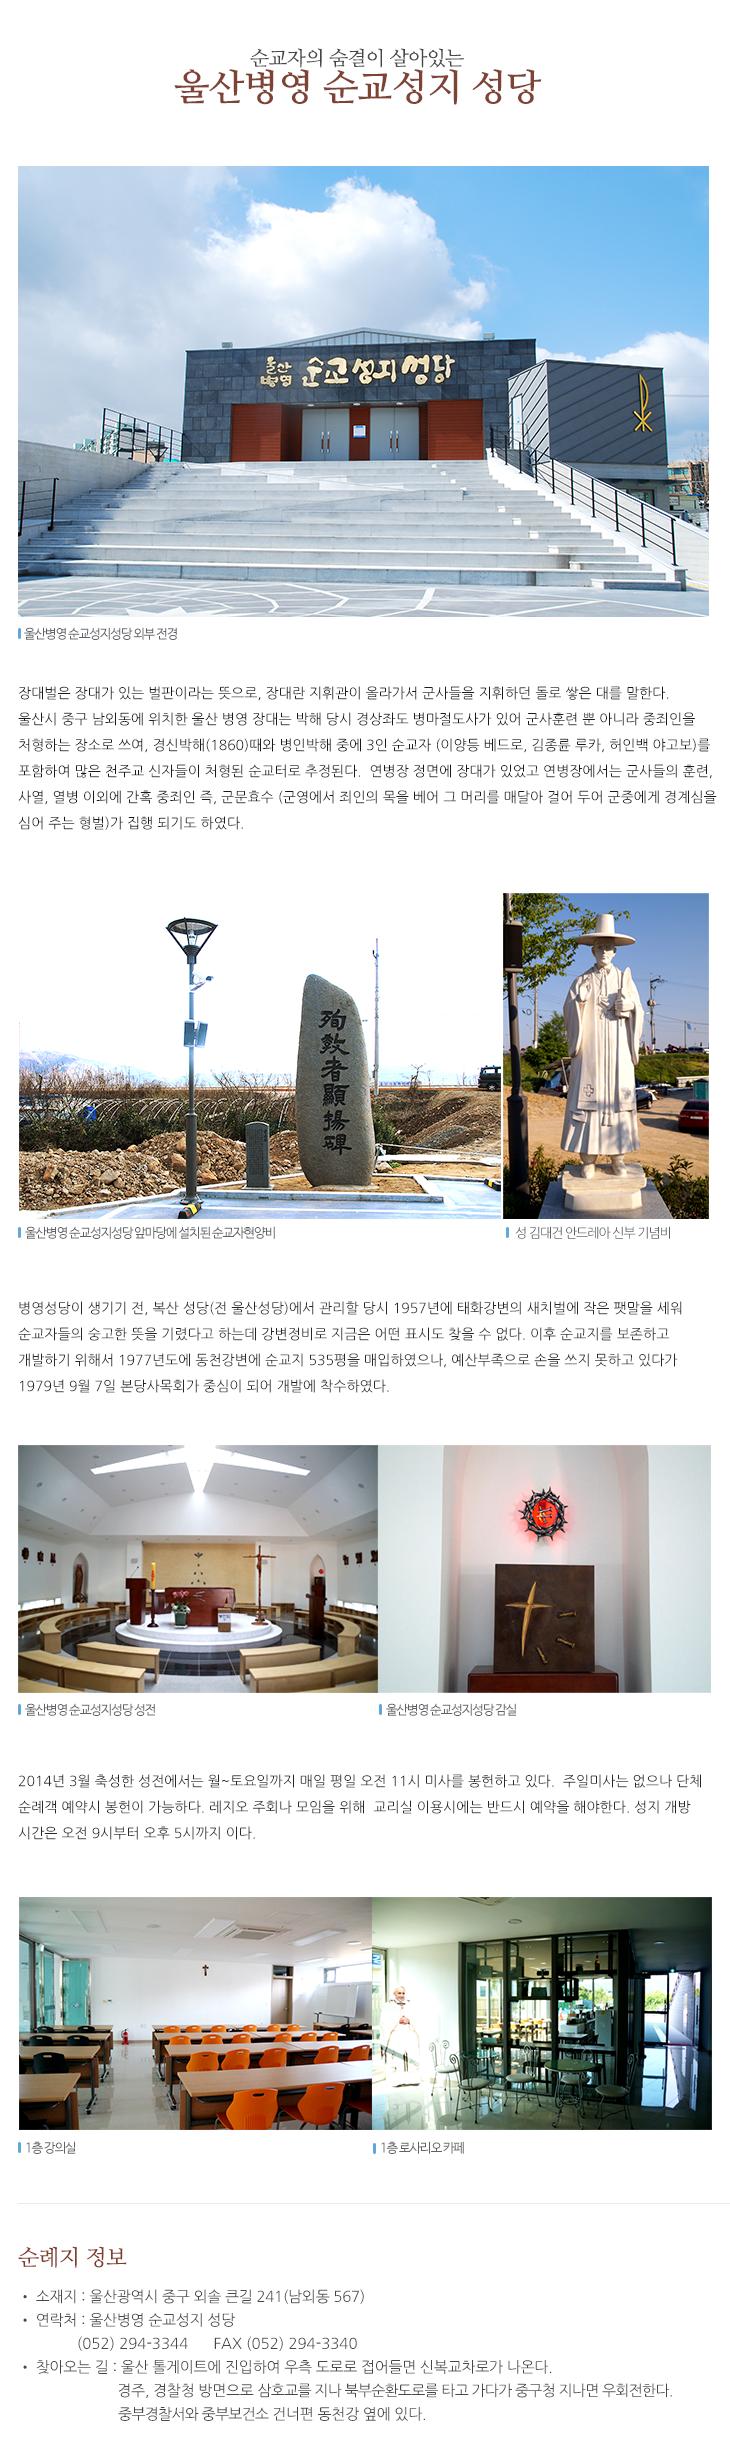 울산병영 순교성지 성당.png